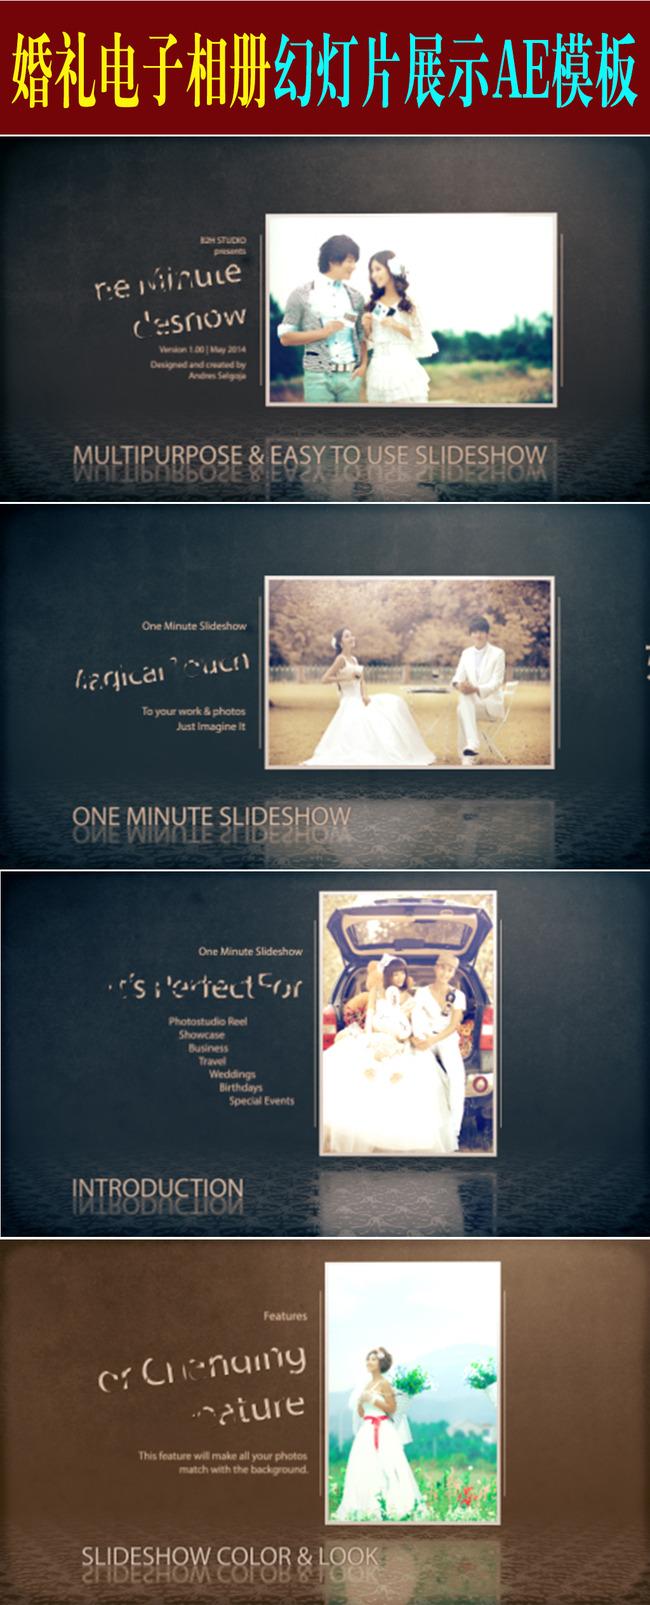 婚礼电子相册幻灯片展示ae模板